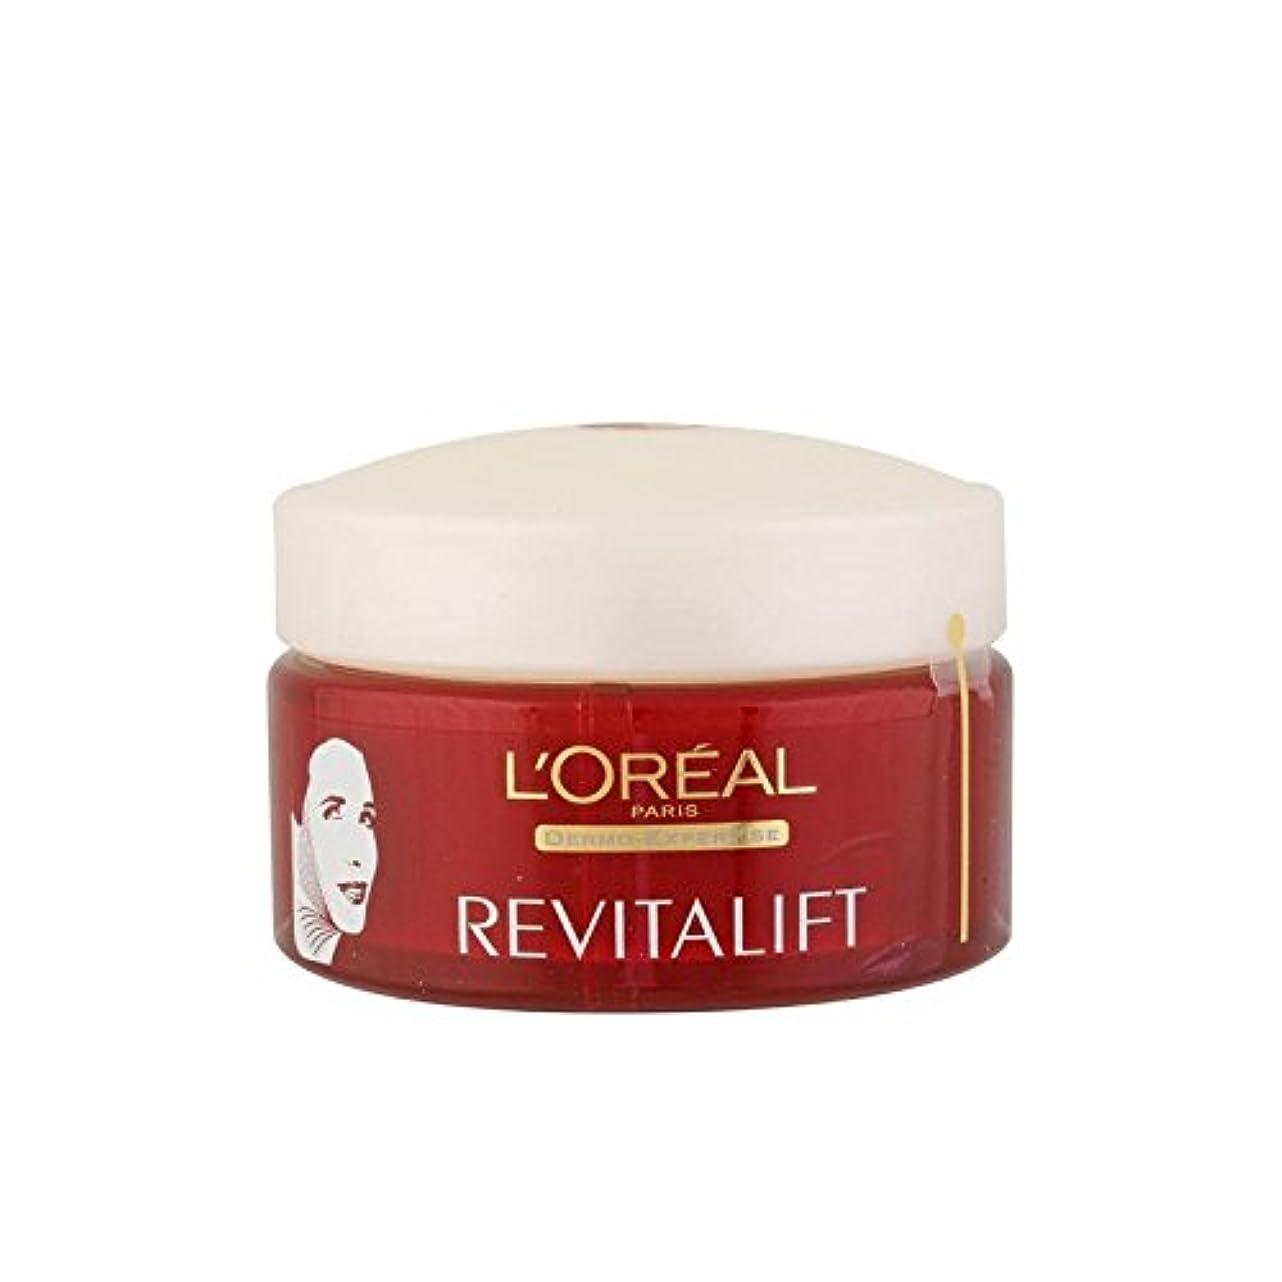 なだめるエクステントアフリカL'Oreal Paris Dermo Expertise Revitalift Face Contours And Neck Re-Support Cream (50ml) - ロレアルパリ?ダーモ専門知識顔の輪郭や首...